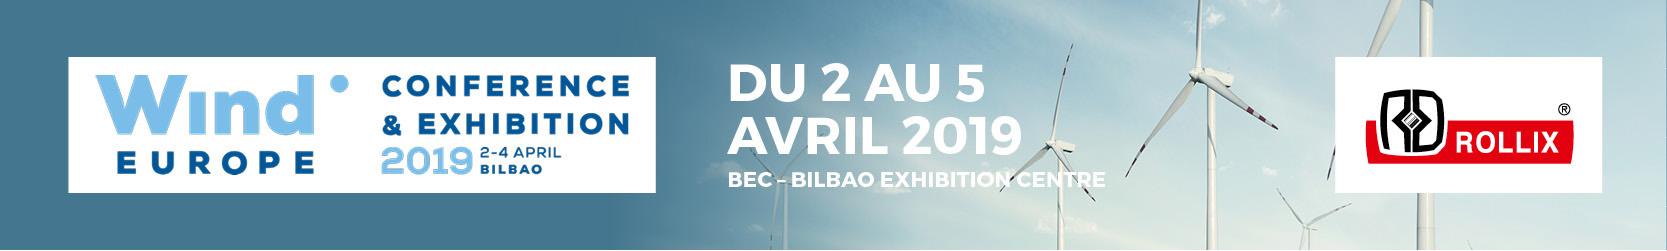 Le salon WindEurope a lieu du 2 au 5 avril à Bilbao en cette année 2019.